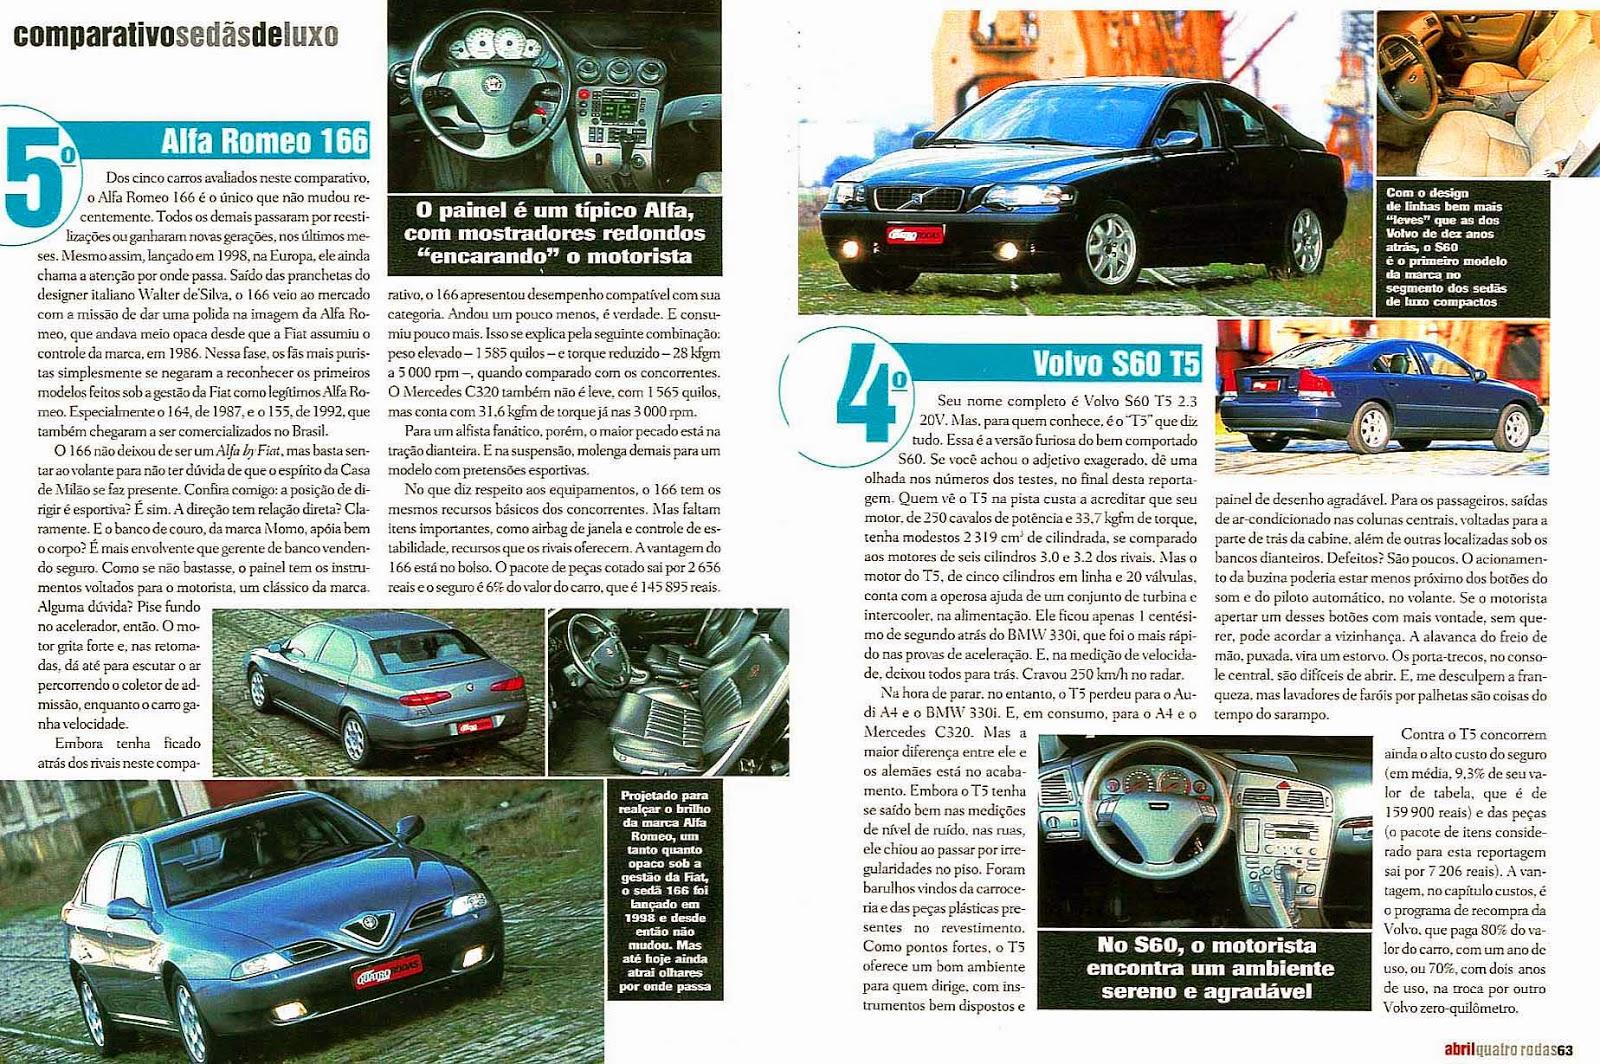 (W203): Avaliação - Revista Quatro Rodas - C320 x BMW 330i x Audi A4 x Volvo S60 T5 x Alfa Romeo 166 - abril/2002 501%2C063%2C42%2C04%2CTE